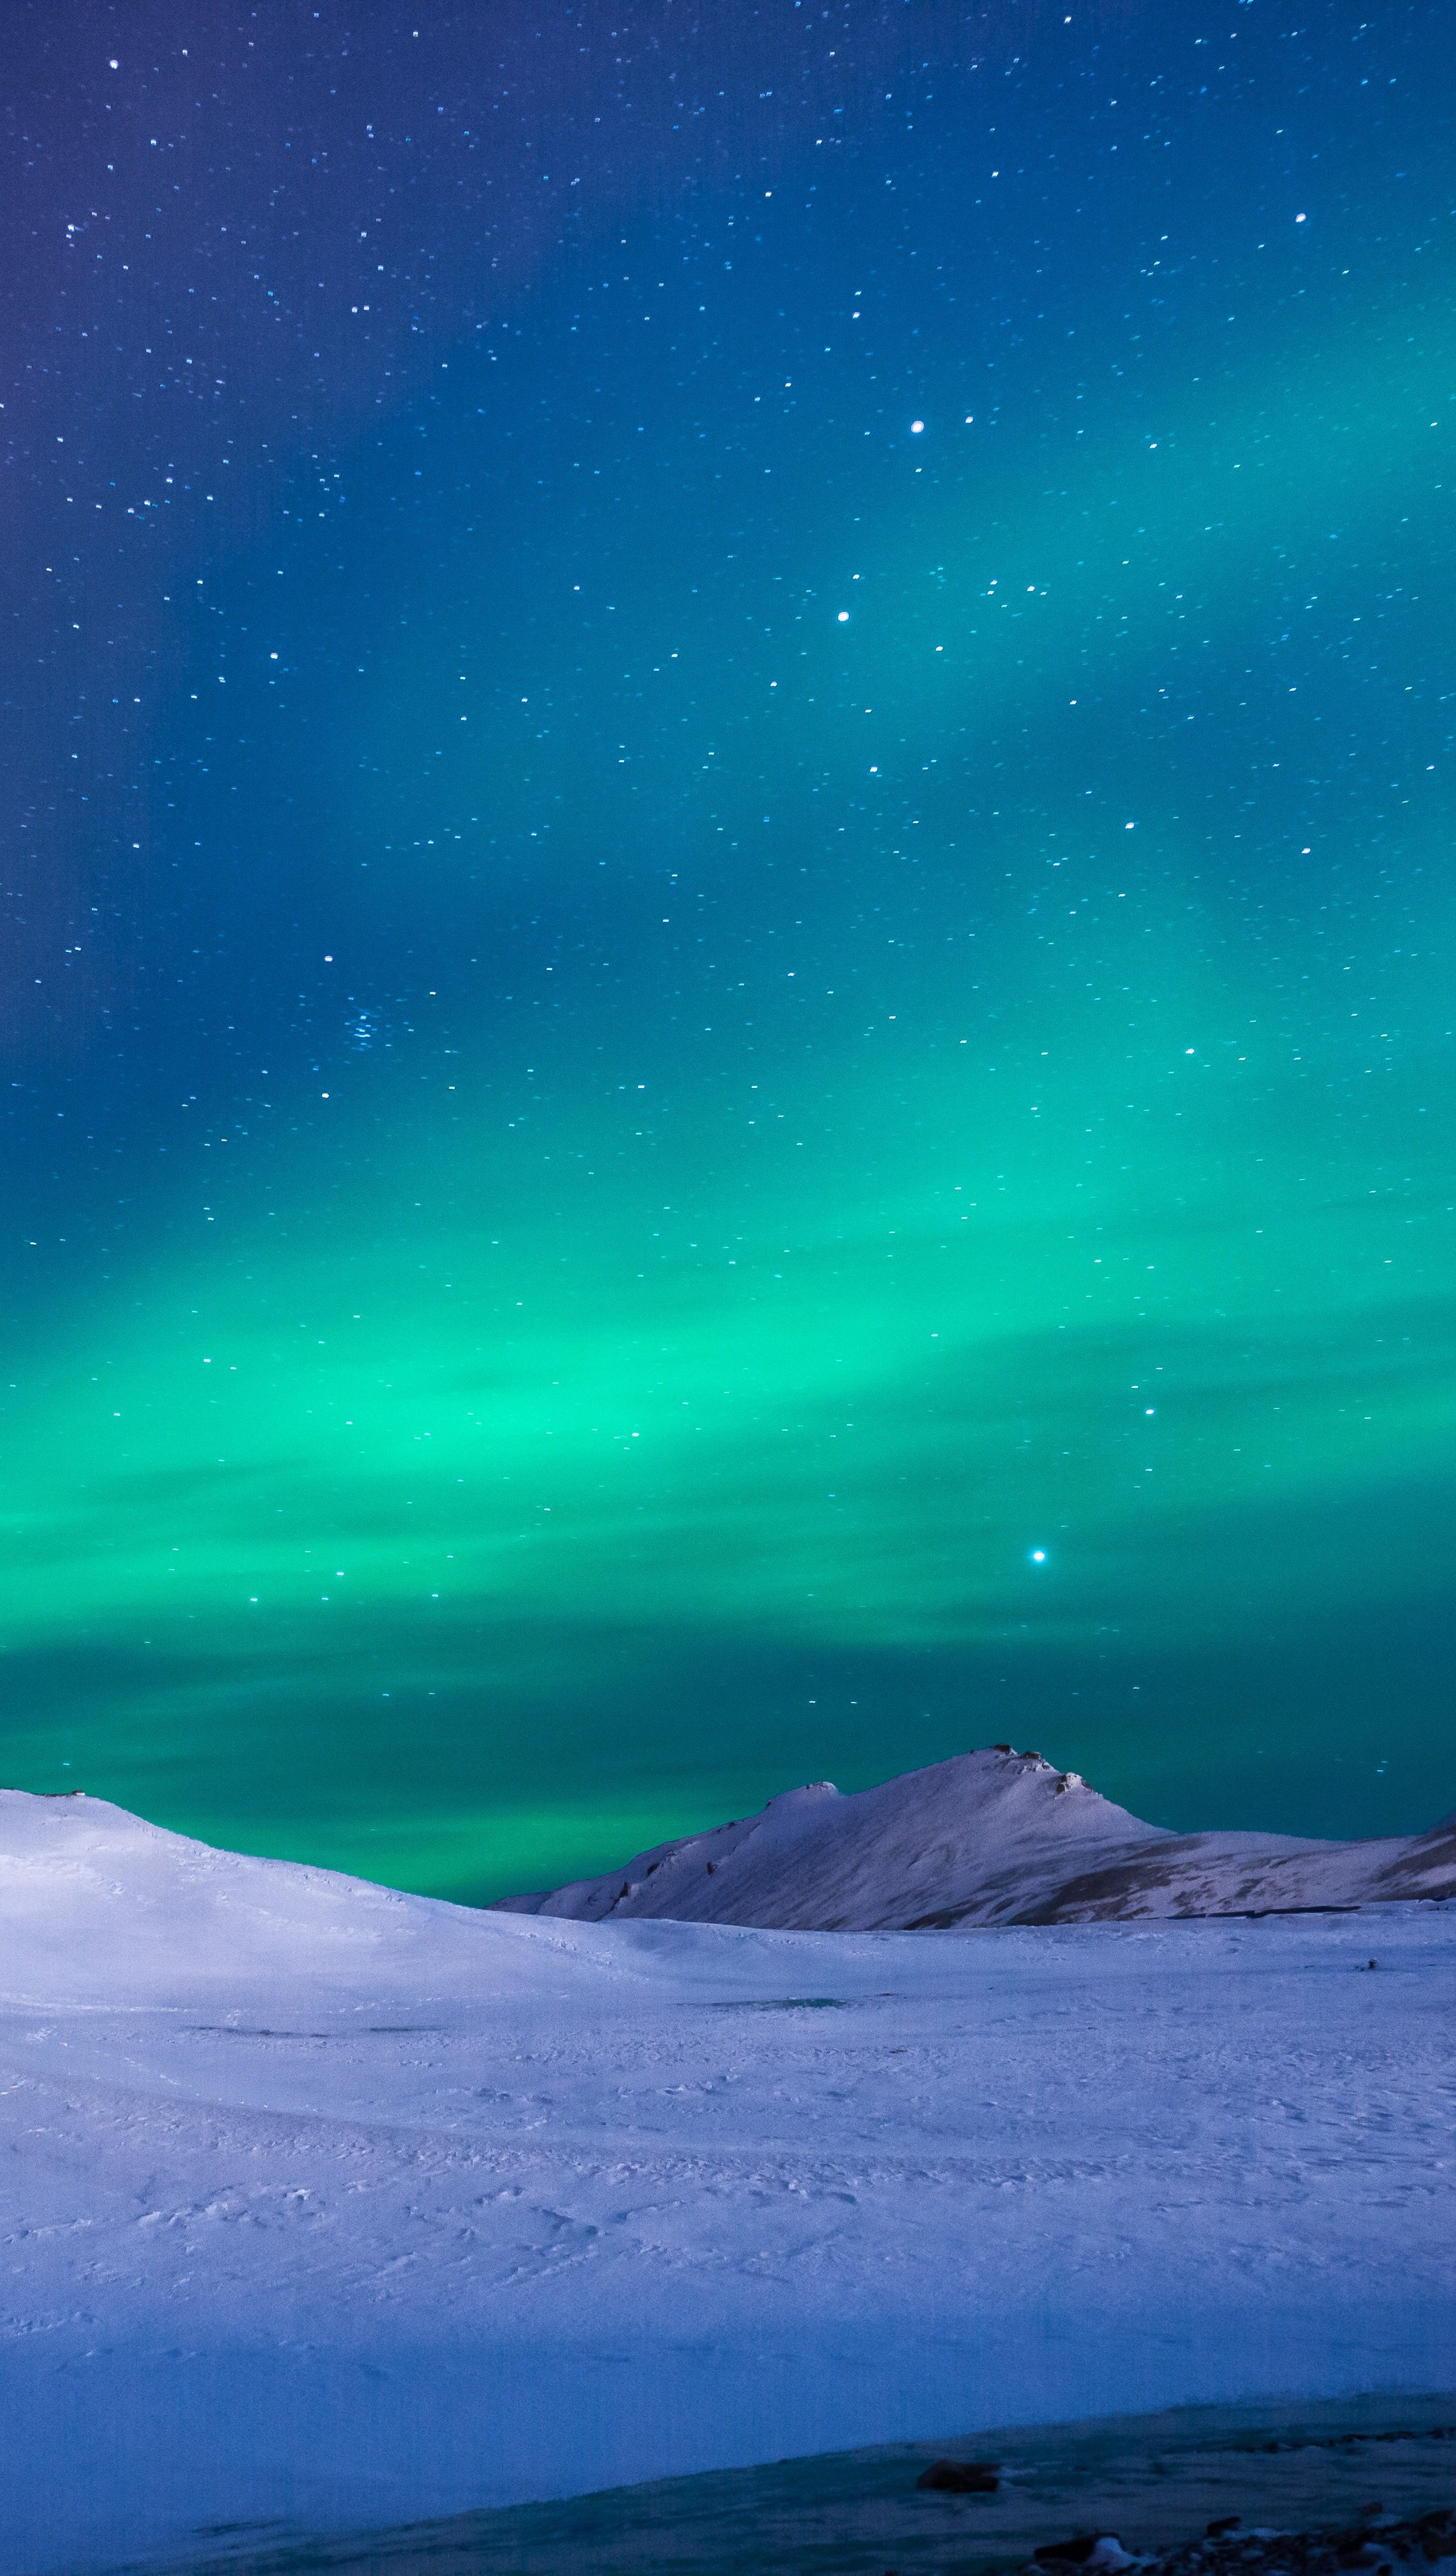 Fondos de pantalla Aurora borealis Vertical